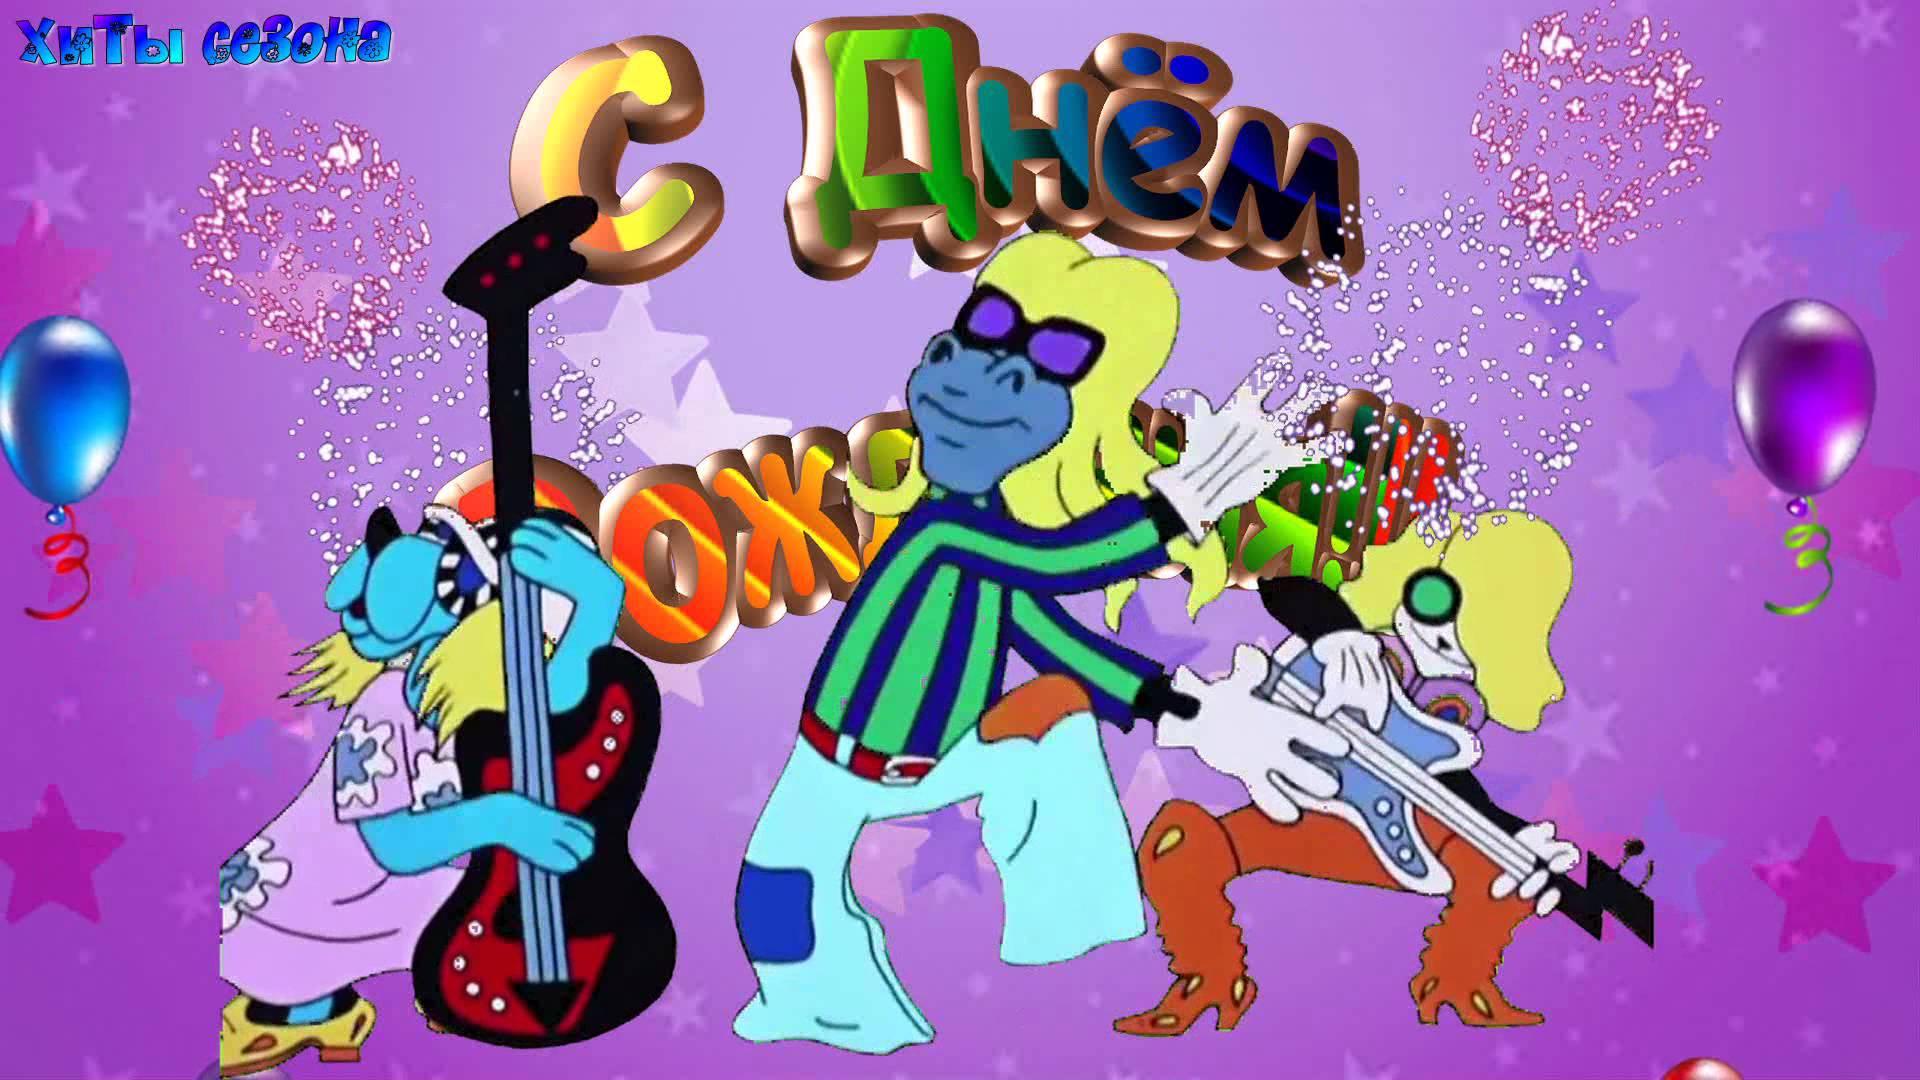 Открытки с днем рождения прикольные анимационные музыкальные, день учителя